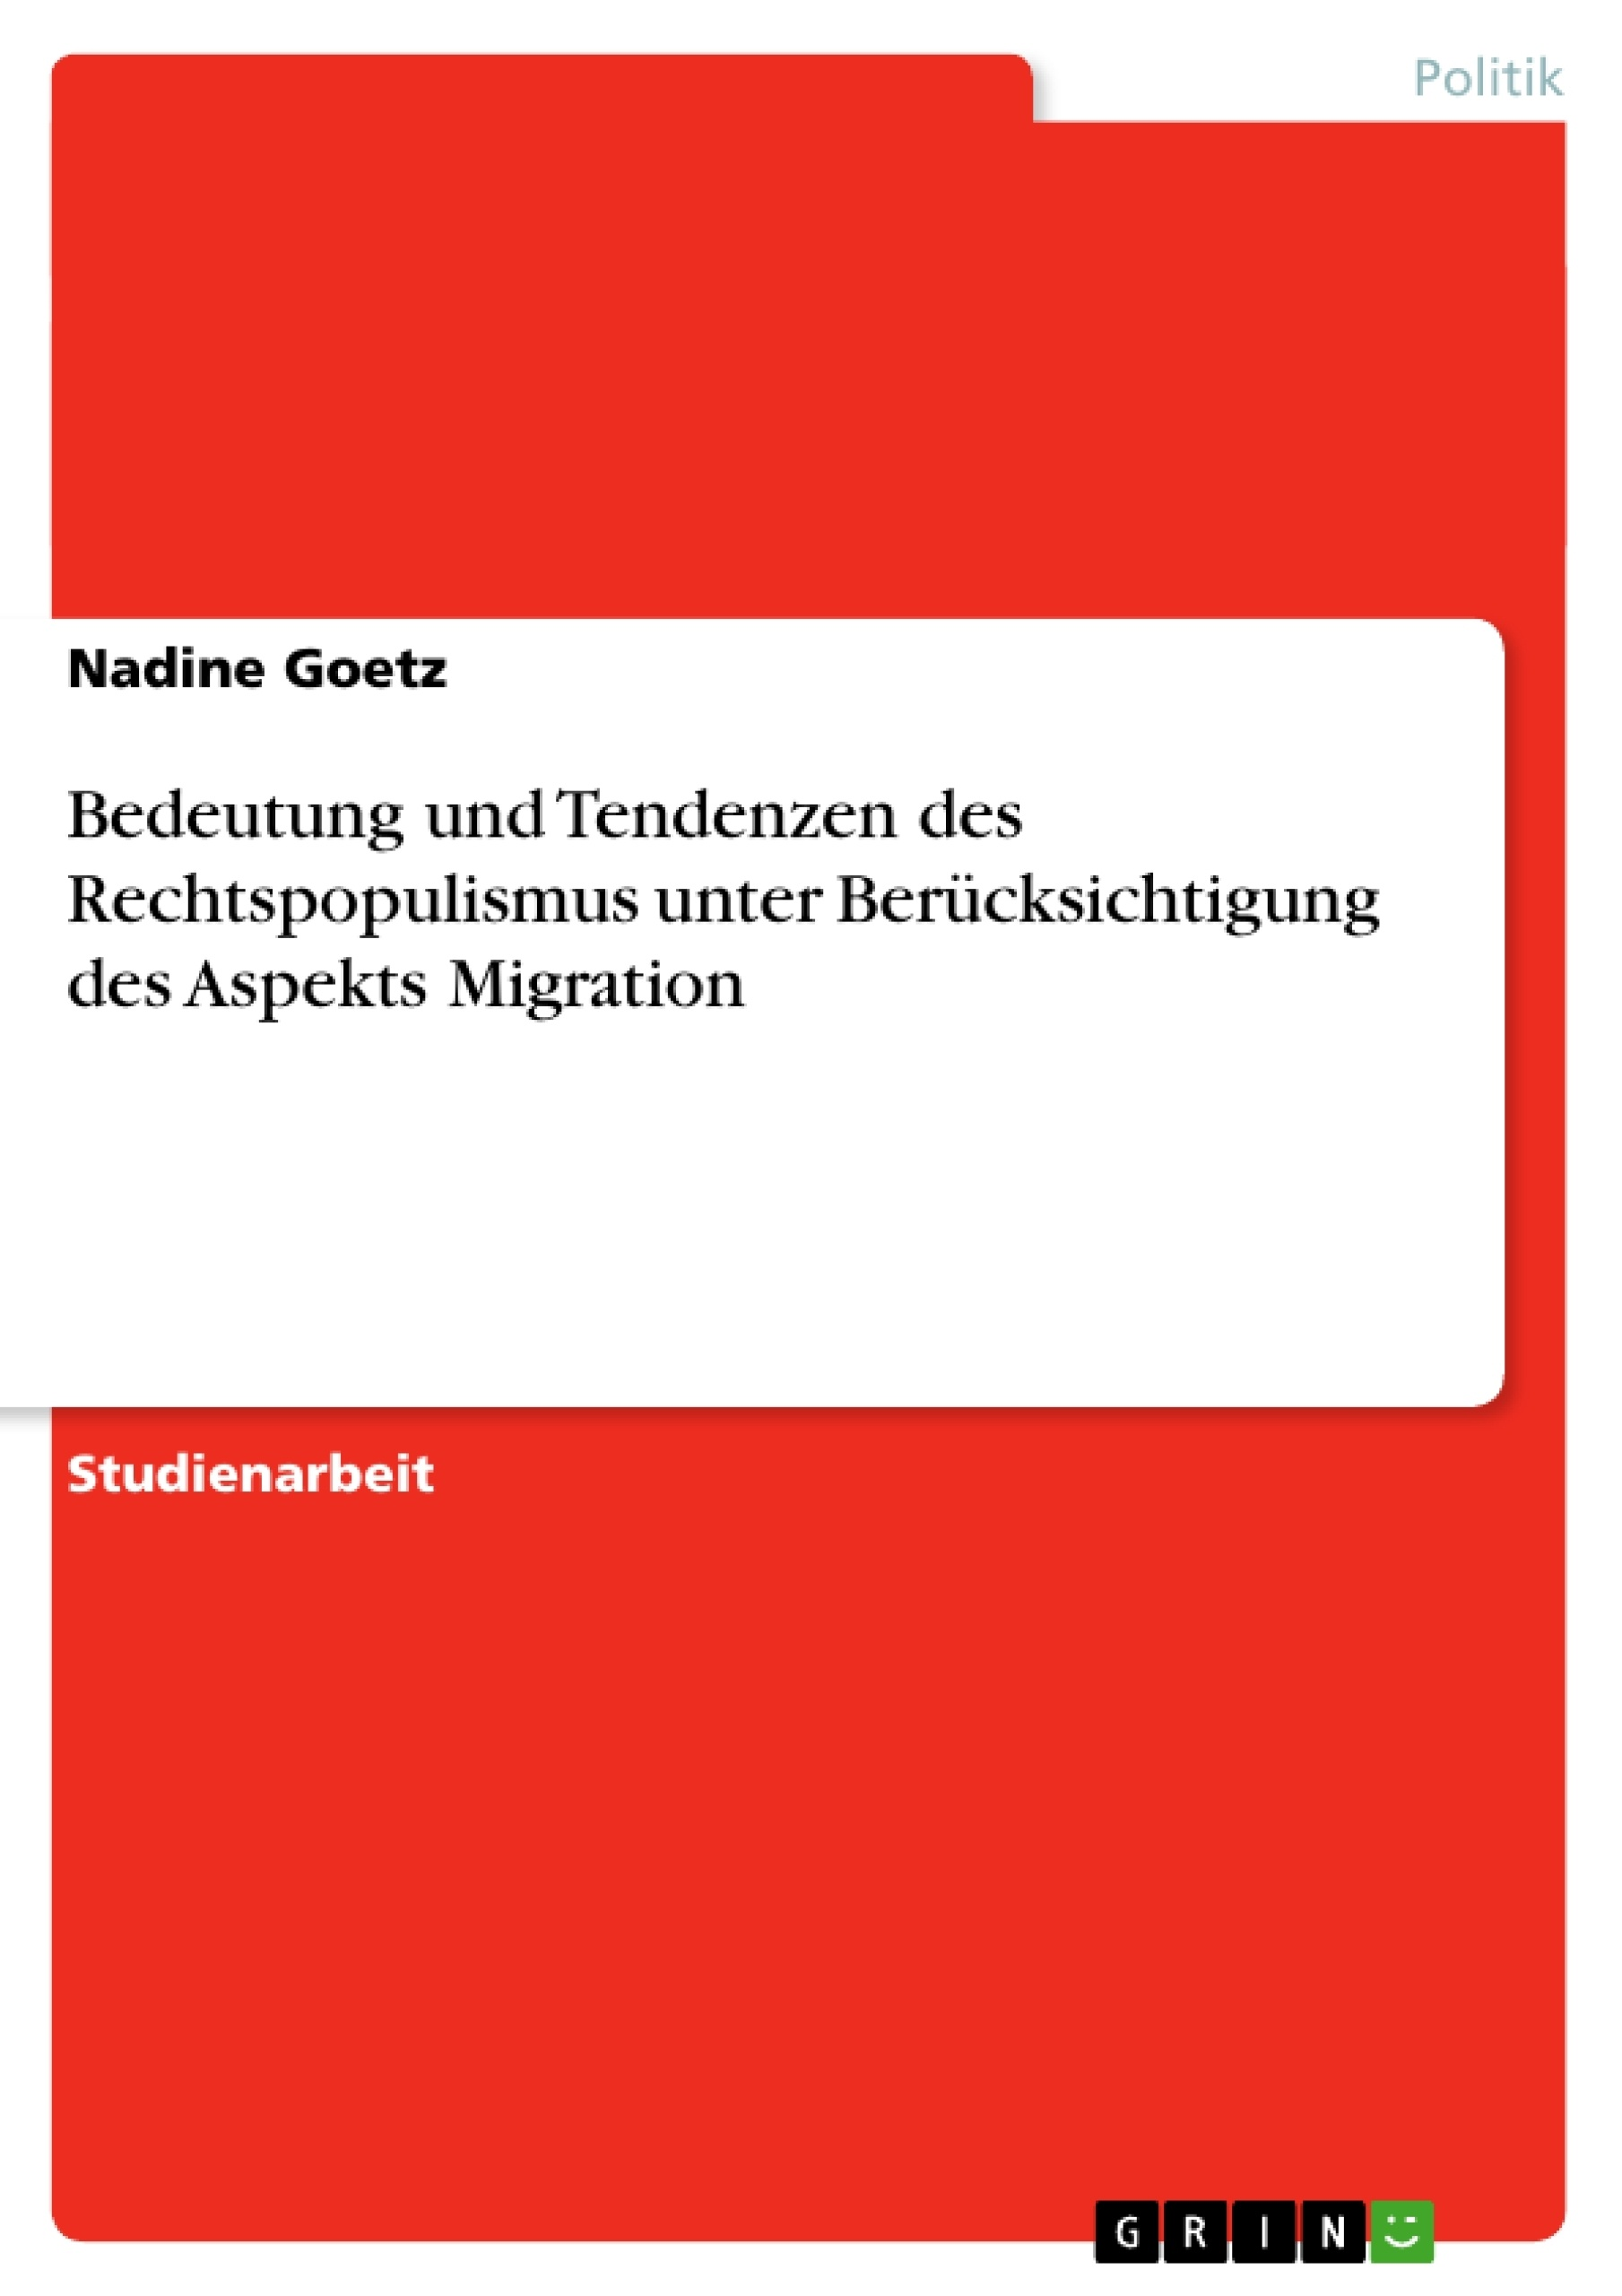 Titel: Bedeutung und Tendenzen des  Rechtspopulismus unter Berücksichtigung des Aspekts Migration